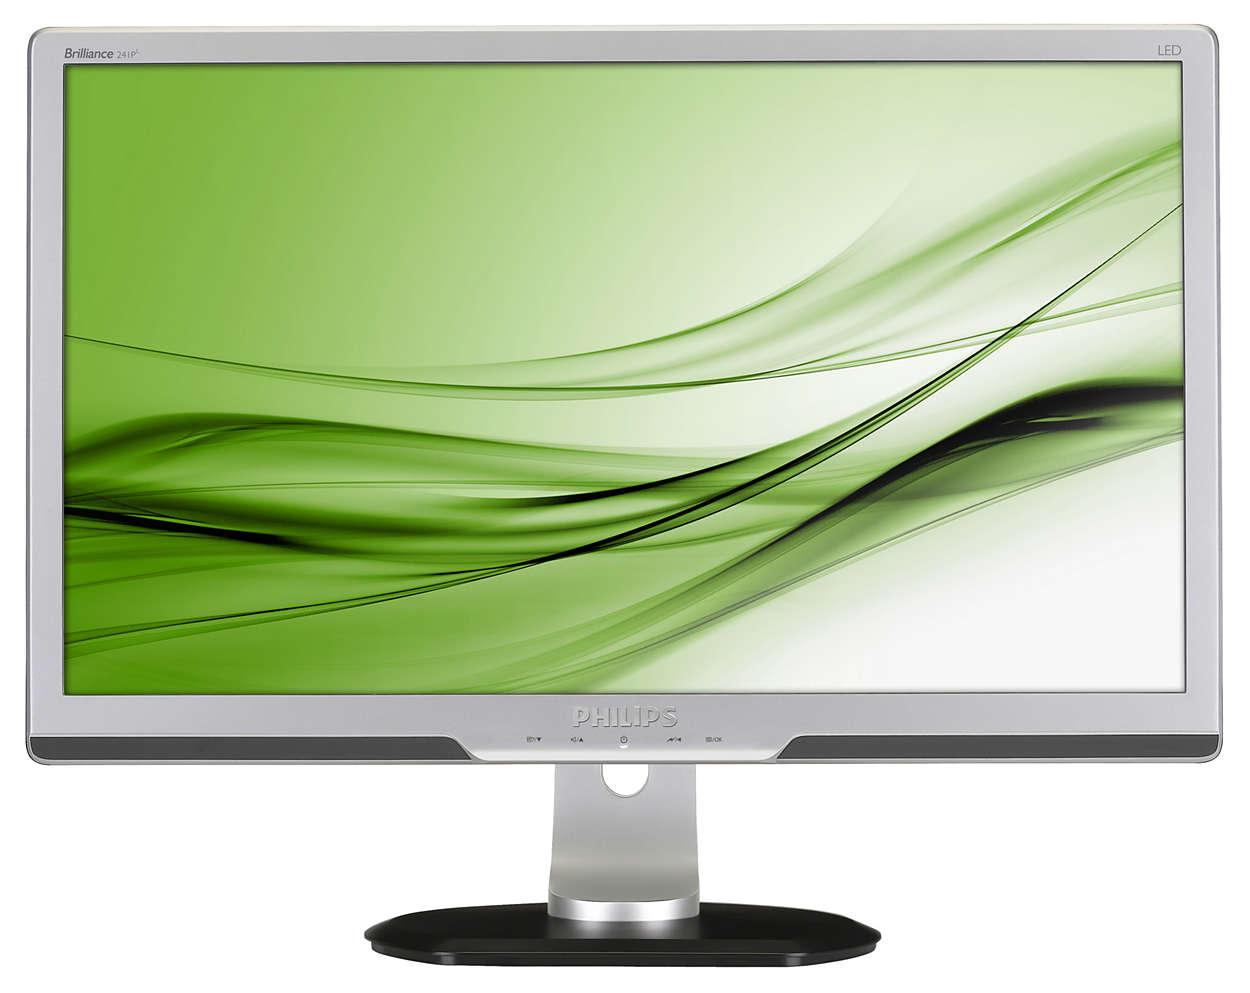 Professionel ergonomisk skærm øger produktiviteten